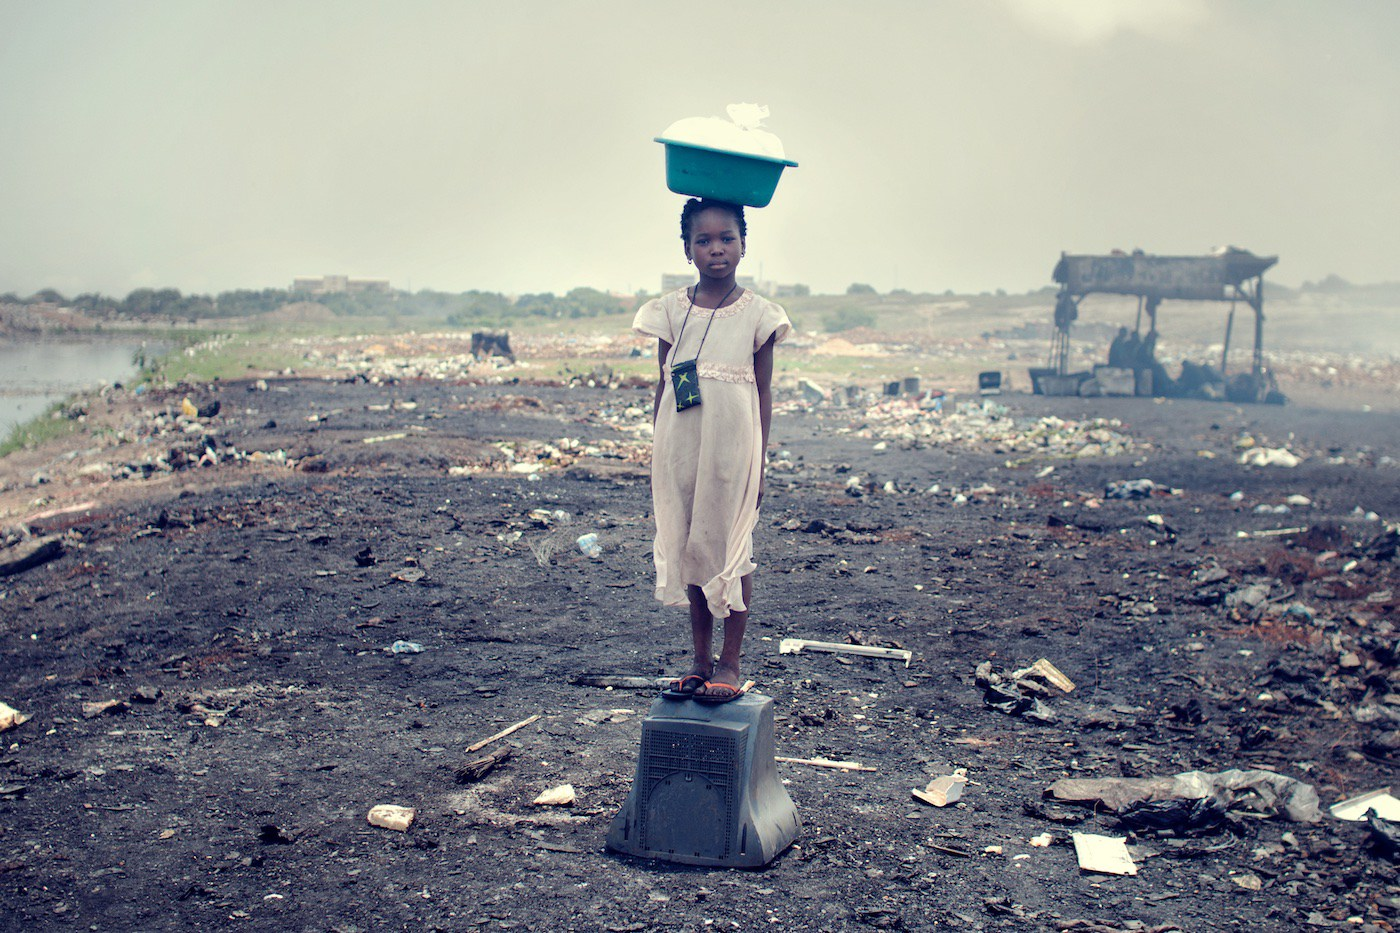 Agbogbloshie_KevinMcElvaney_Accra_e-waste-15